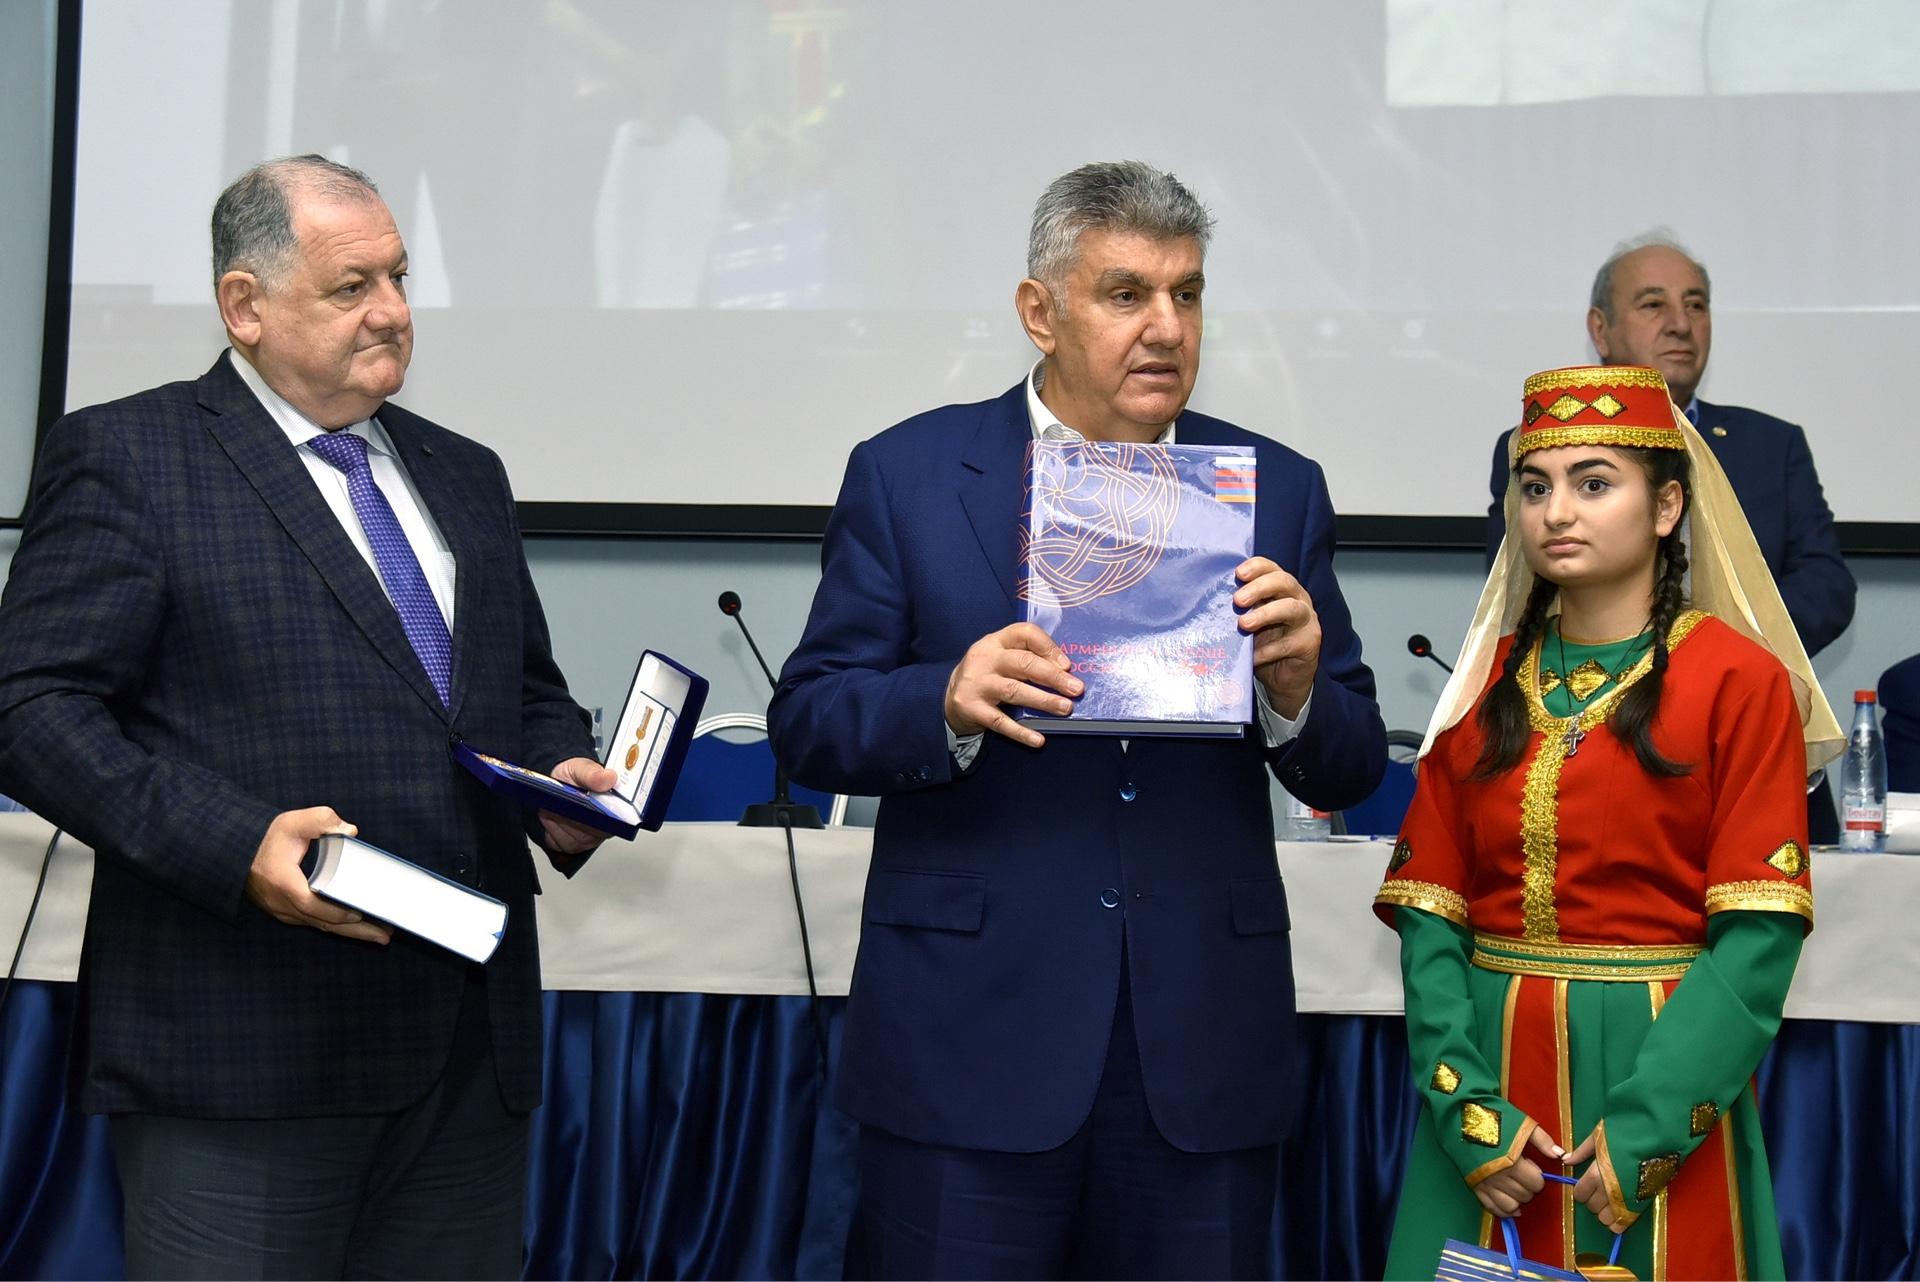 В Пятигорске состоялось вручение наград Союза армян России видным представителям общественности